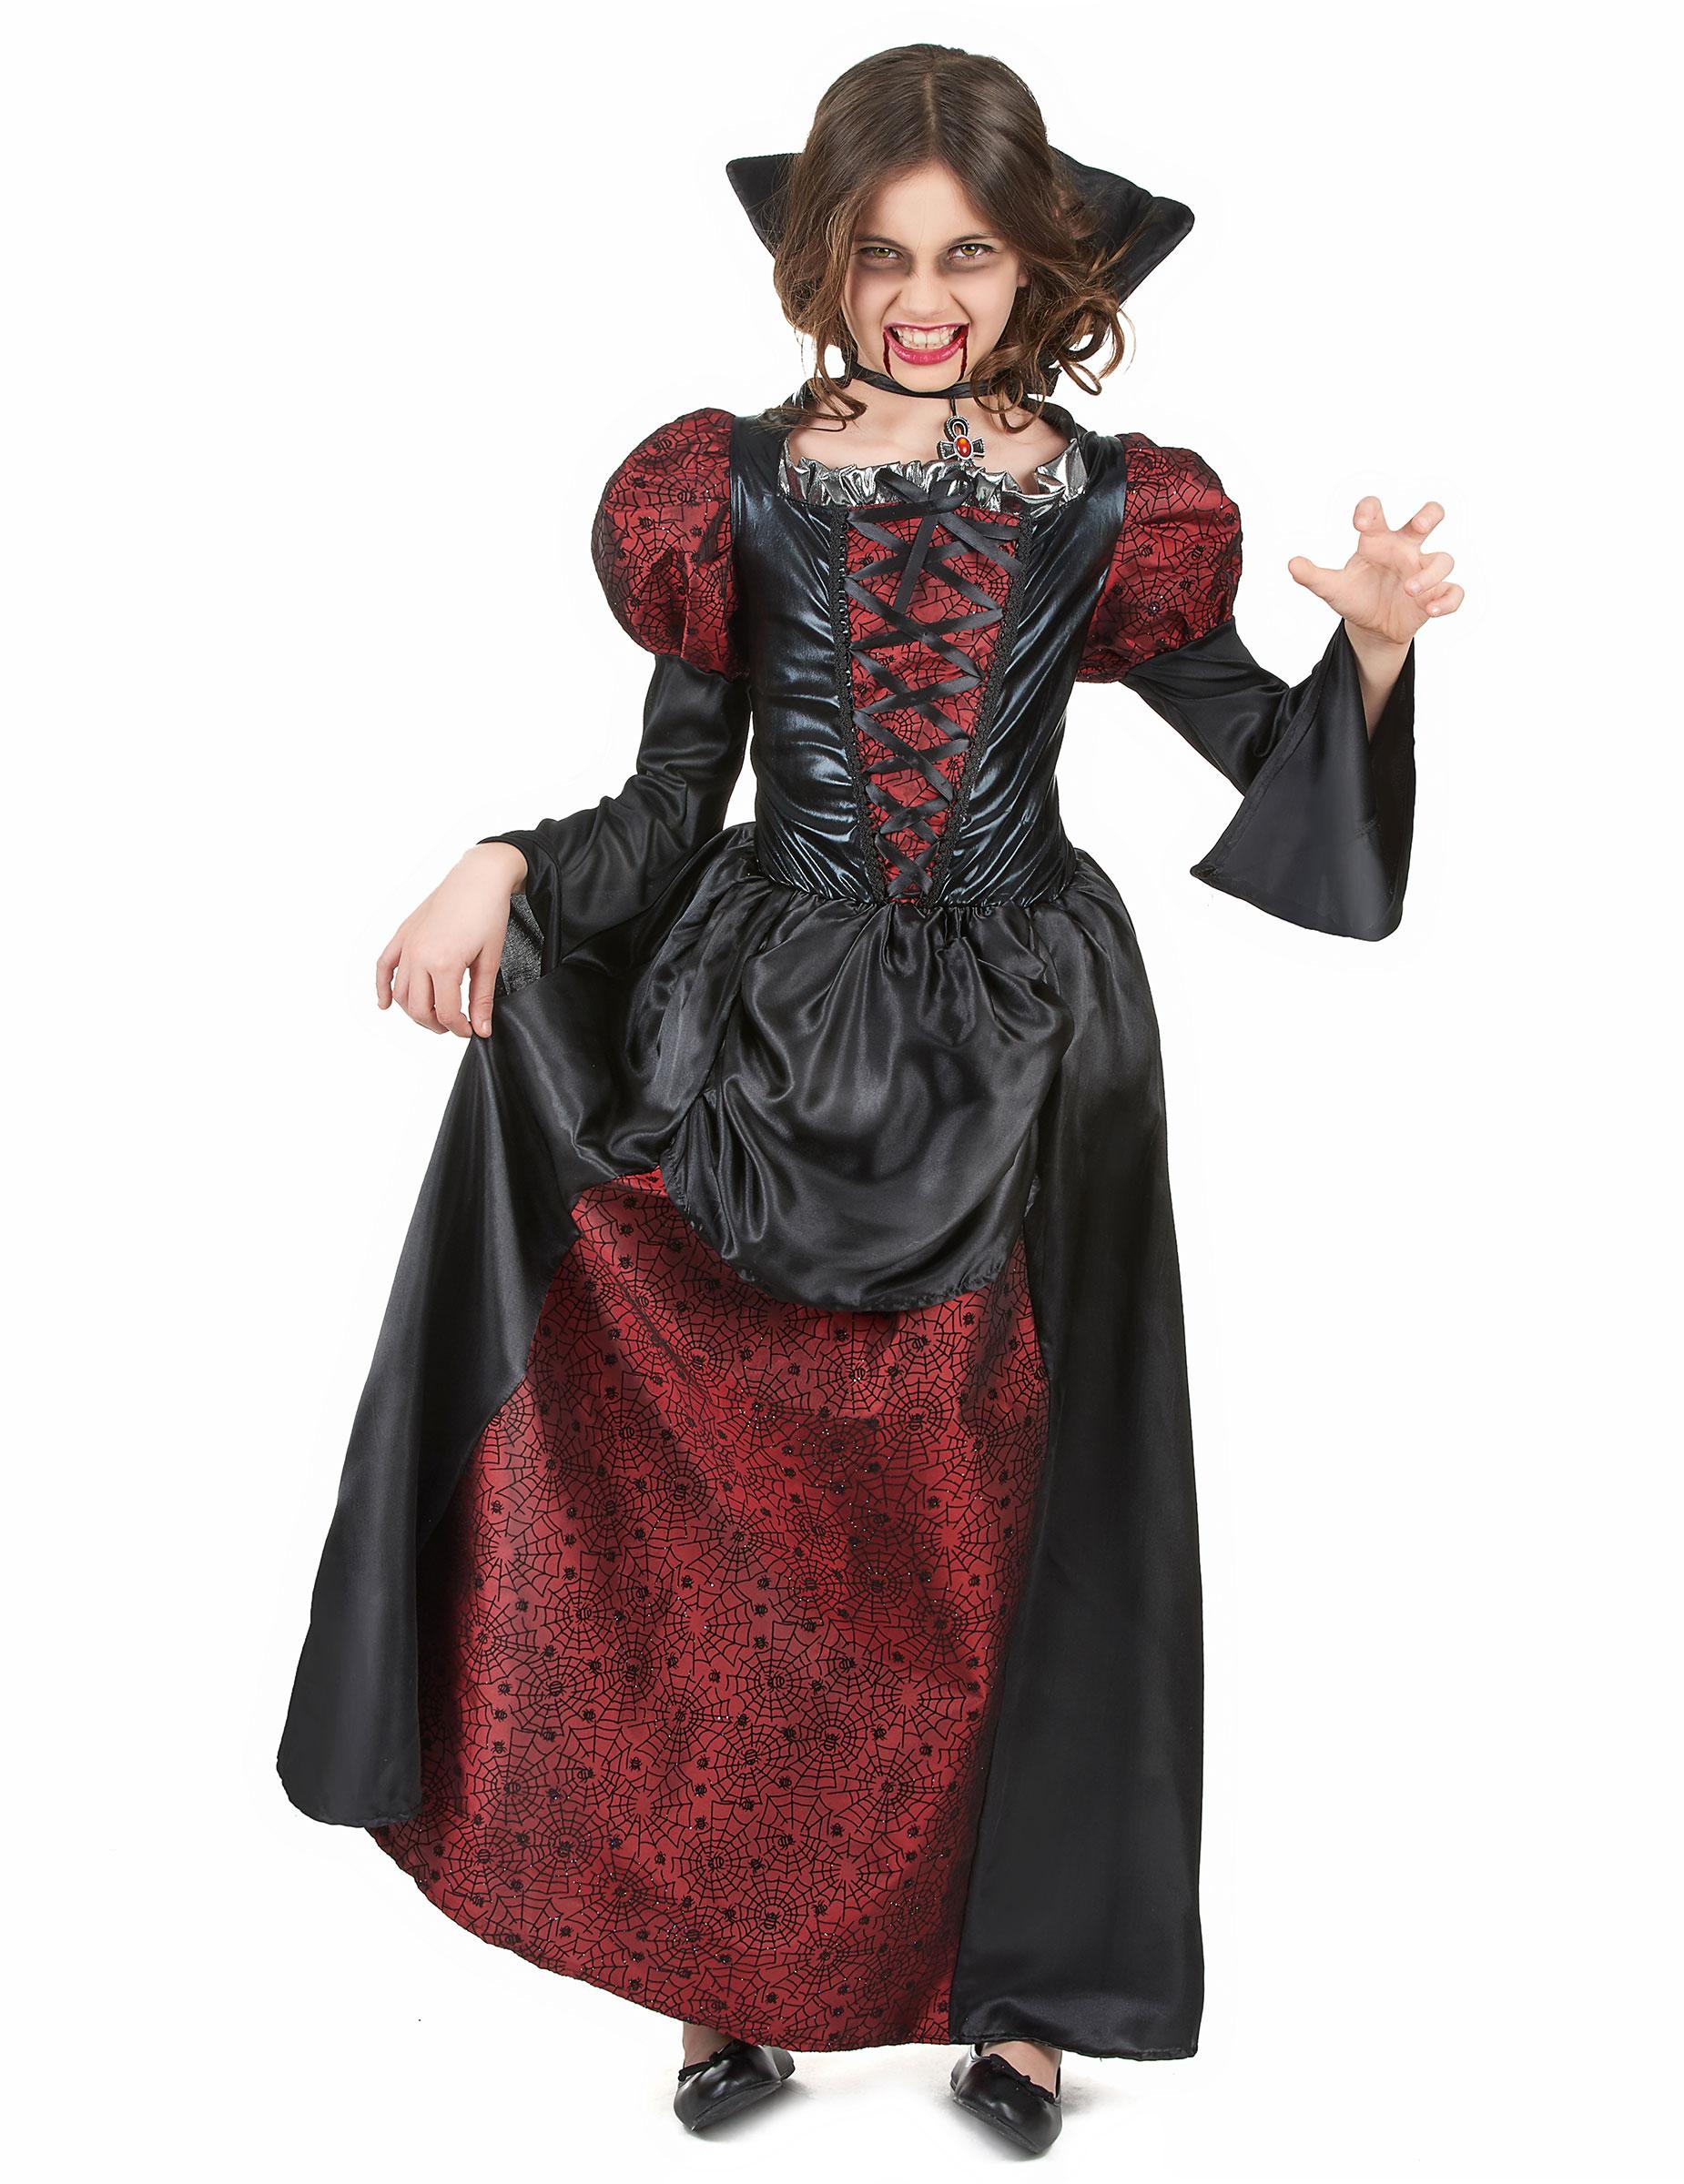 d guisement vampire fille halloween deguise toi achat de d guisements enfants. Black Bedroom Furniture Sets. Home Design Ideas